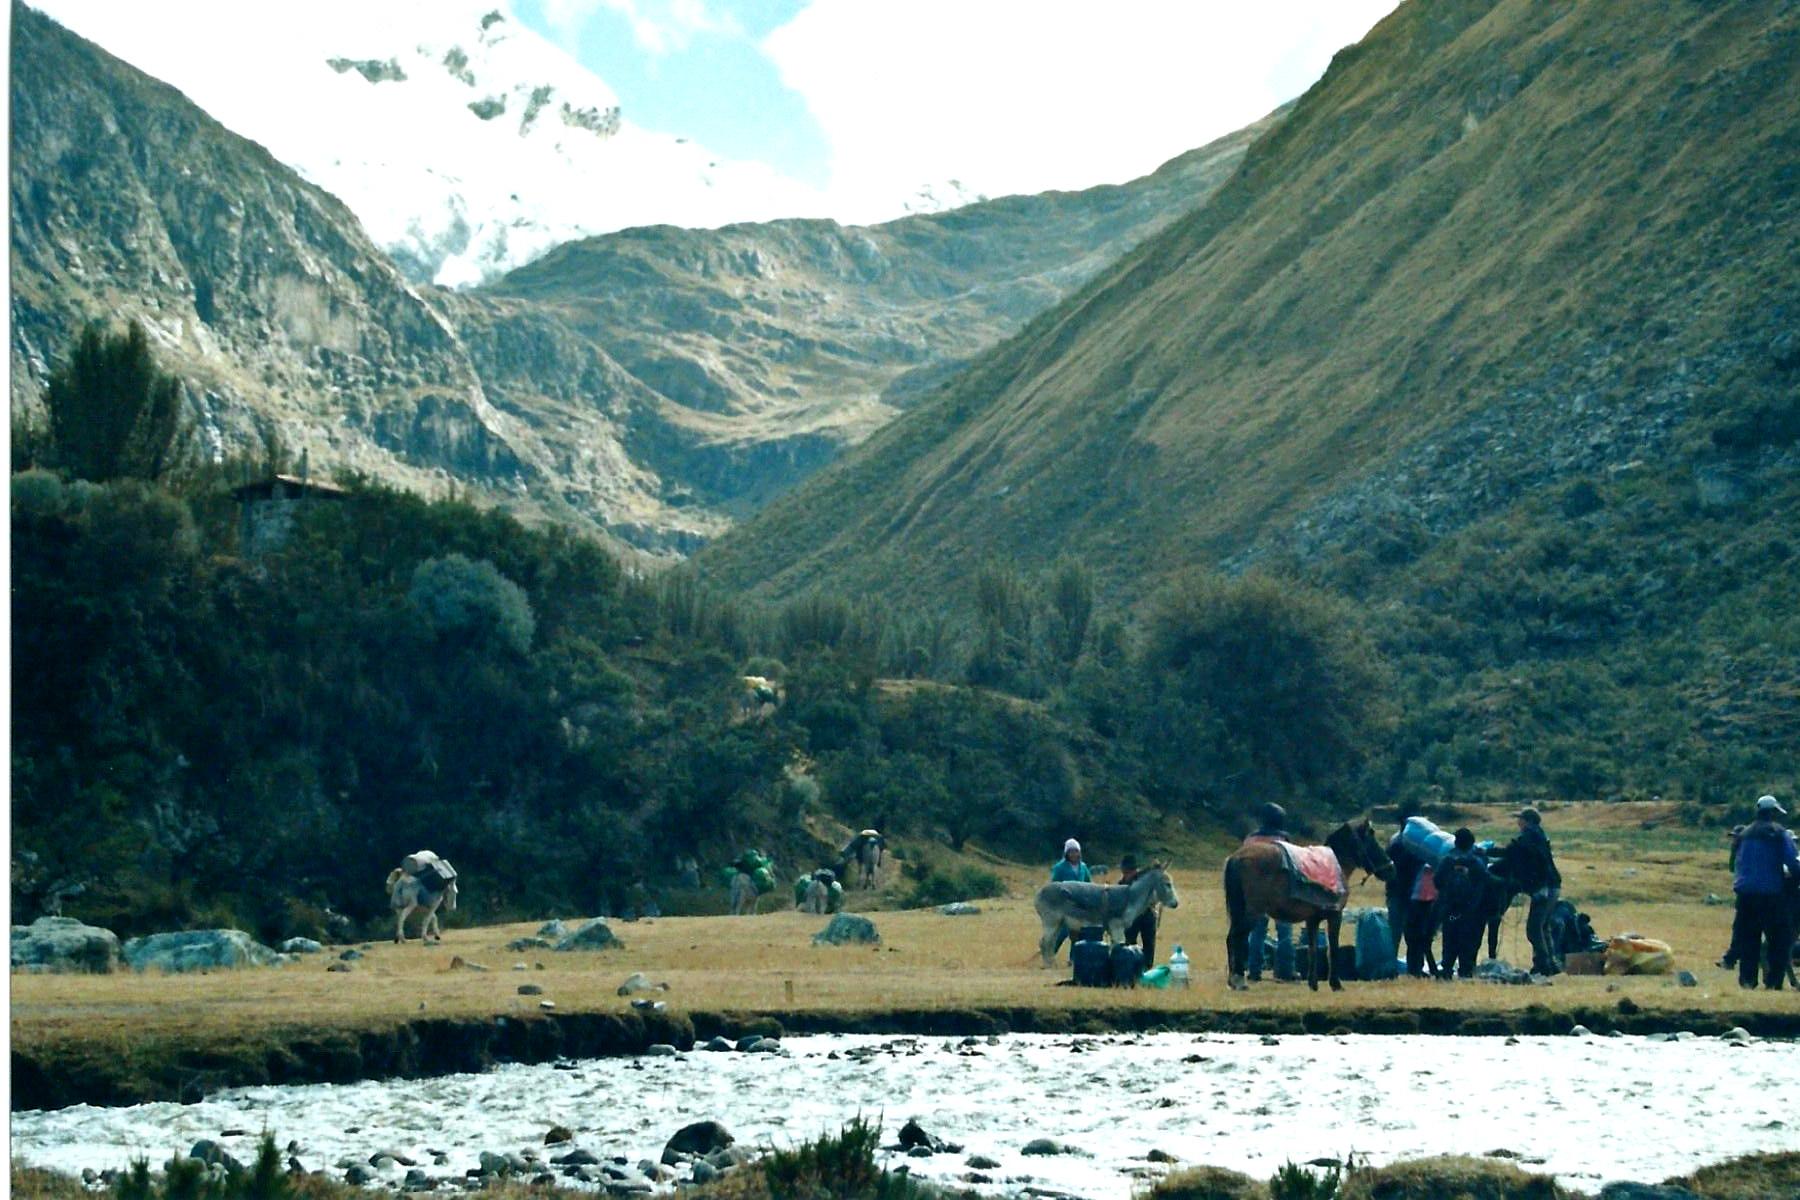 Das Basislager liegt schon mitten in den Anden. Von hier starten auch die mehrtätigen Touren.